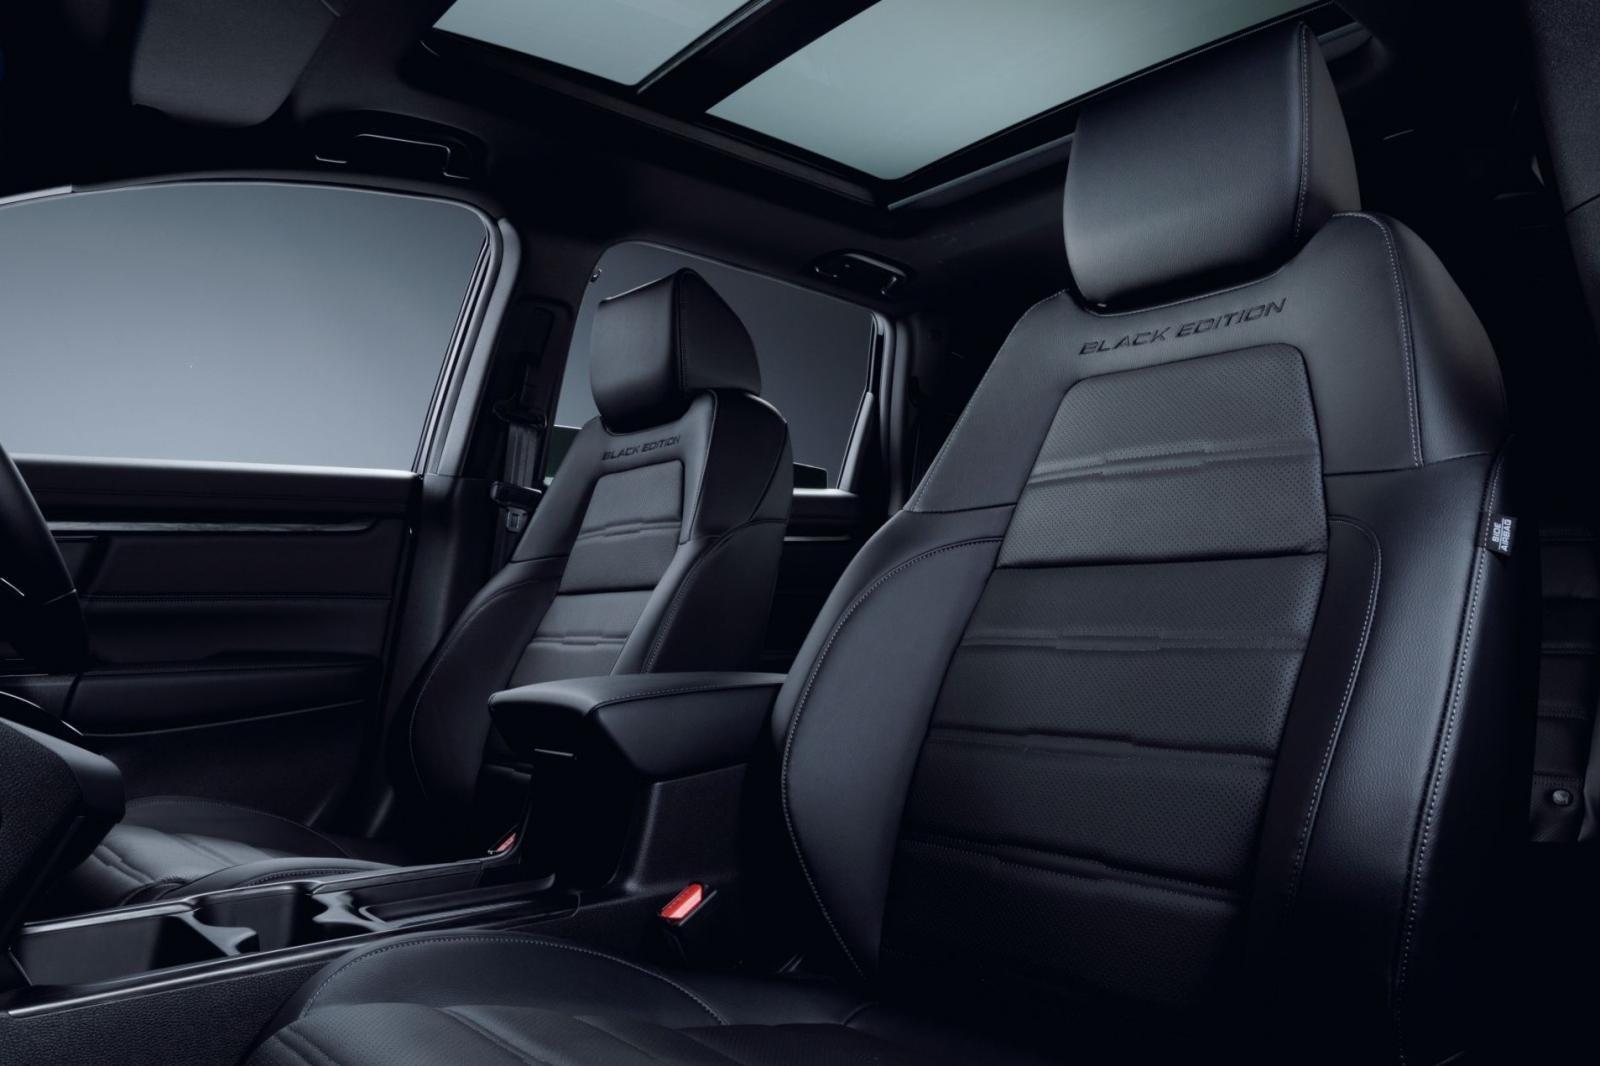 Hàng ghế sau xe Honda CR-V Black Edition 1